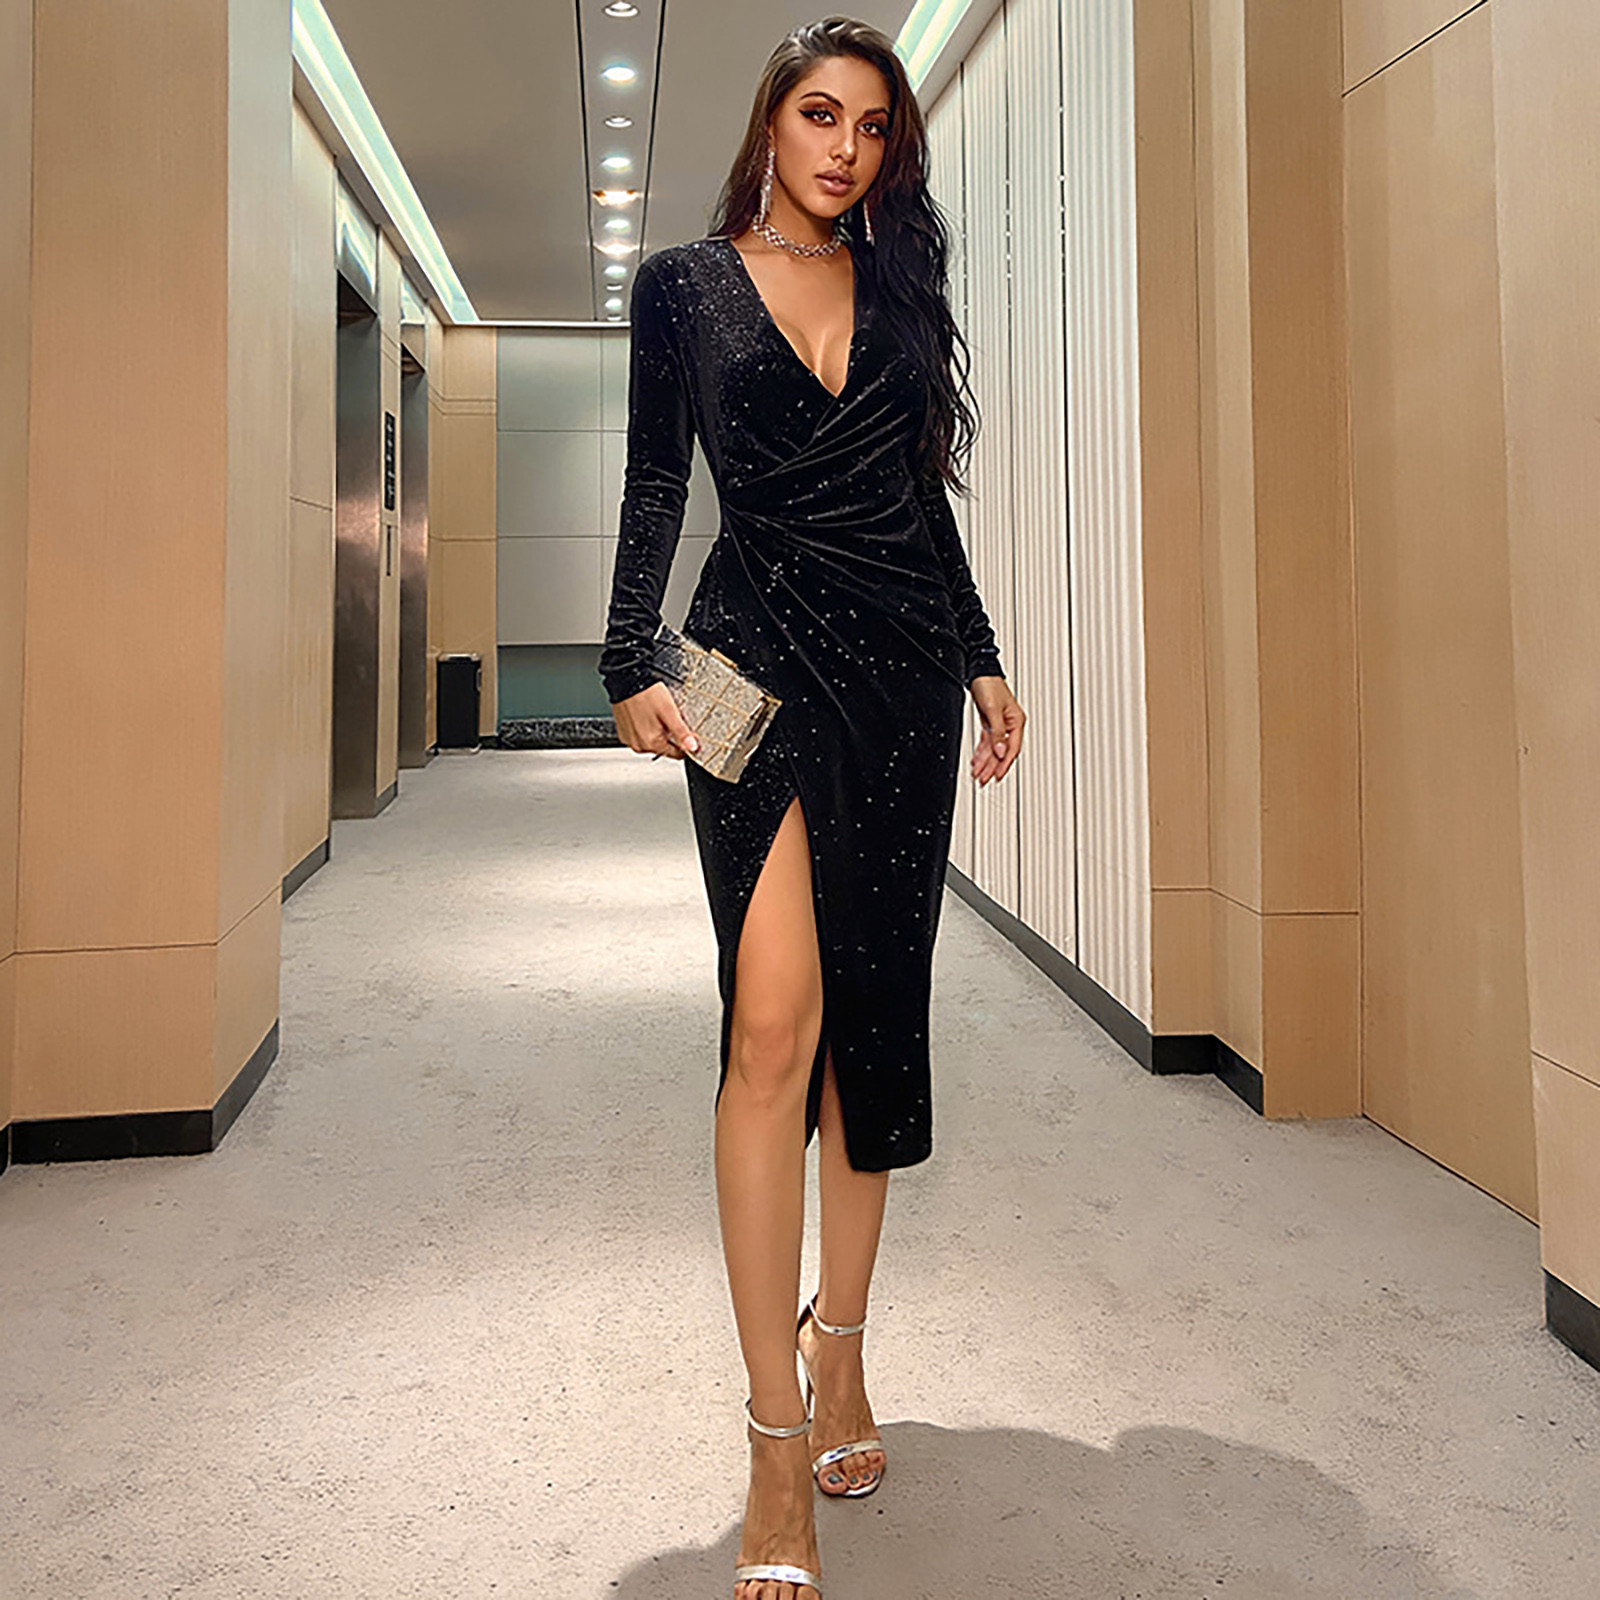 Sagace Fashion jednolity kolor, długi rękaw sukienka z dekoltem w serek asymetryczna strona eleganckie sukienki Split jesień Mock Neck elegancka sukienka